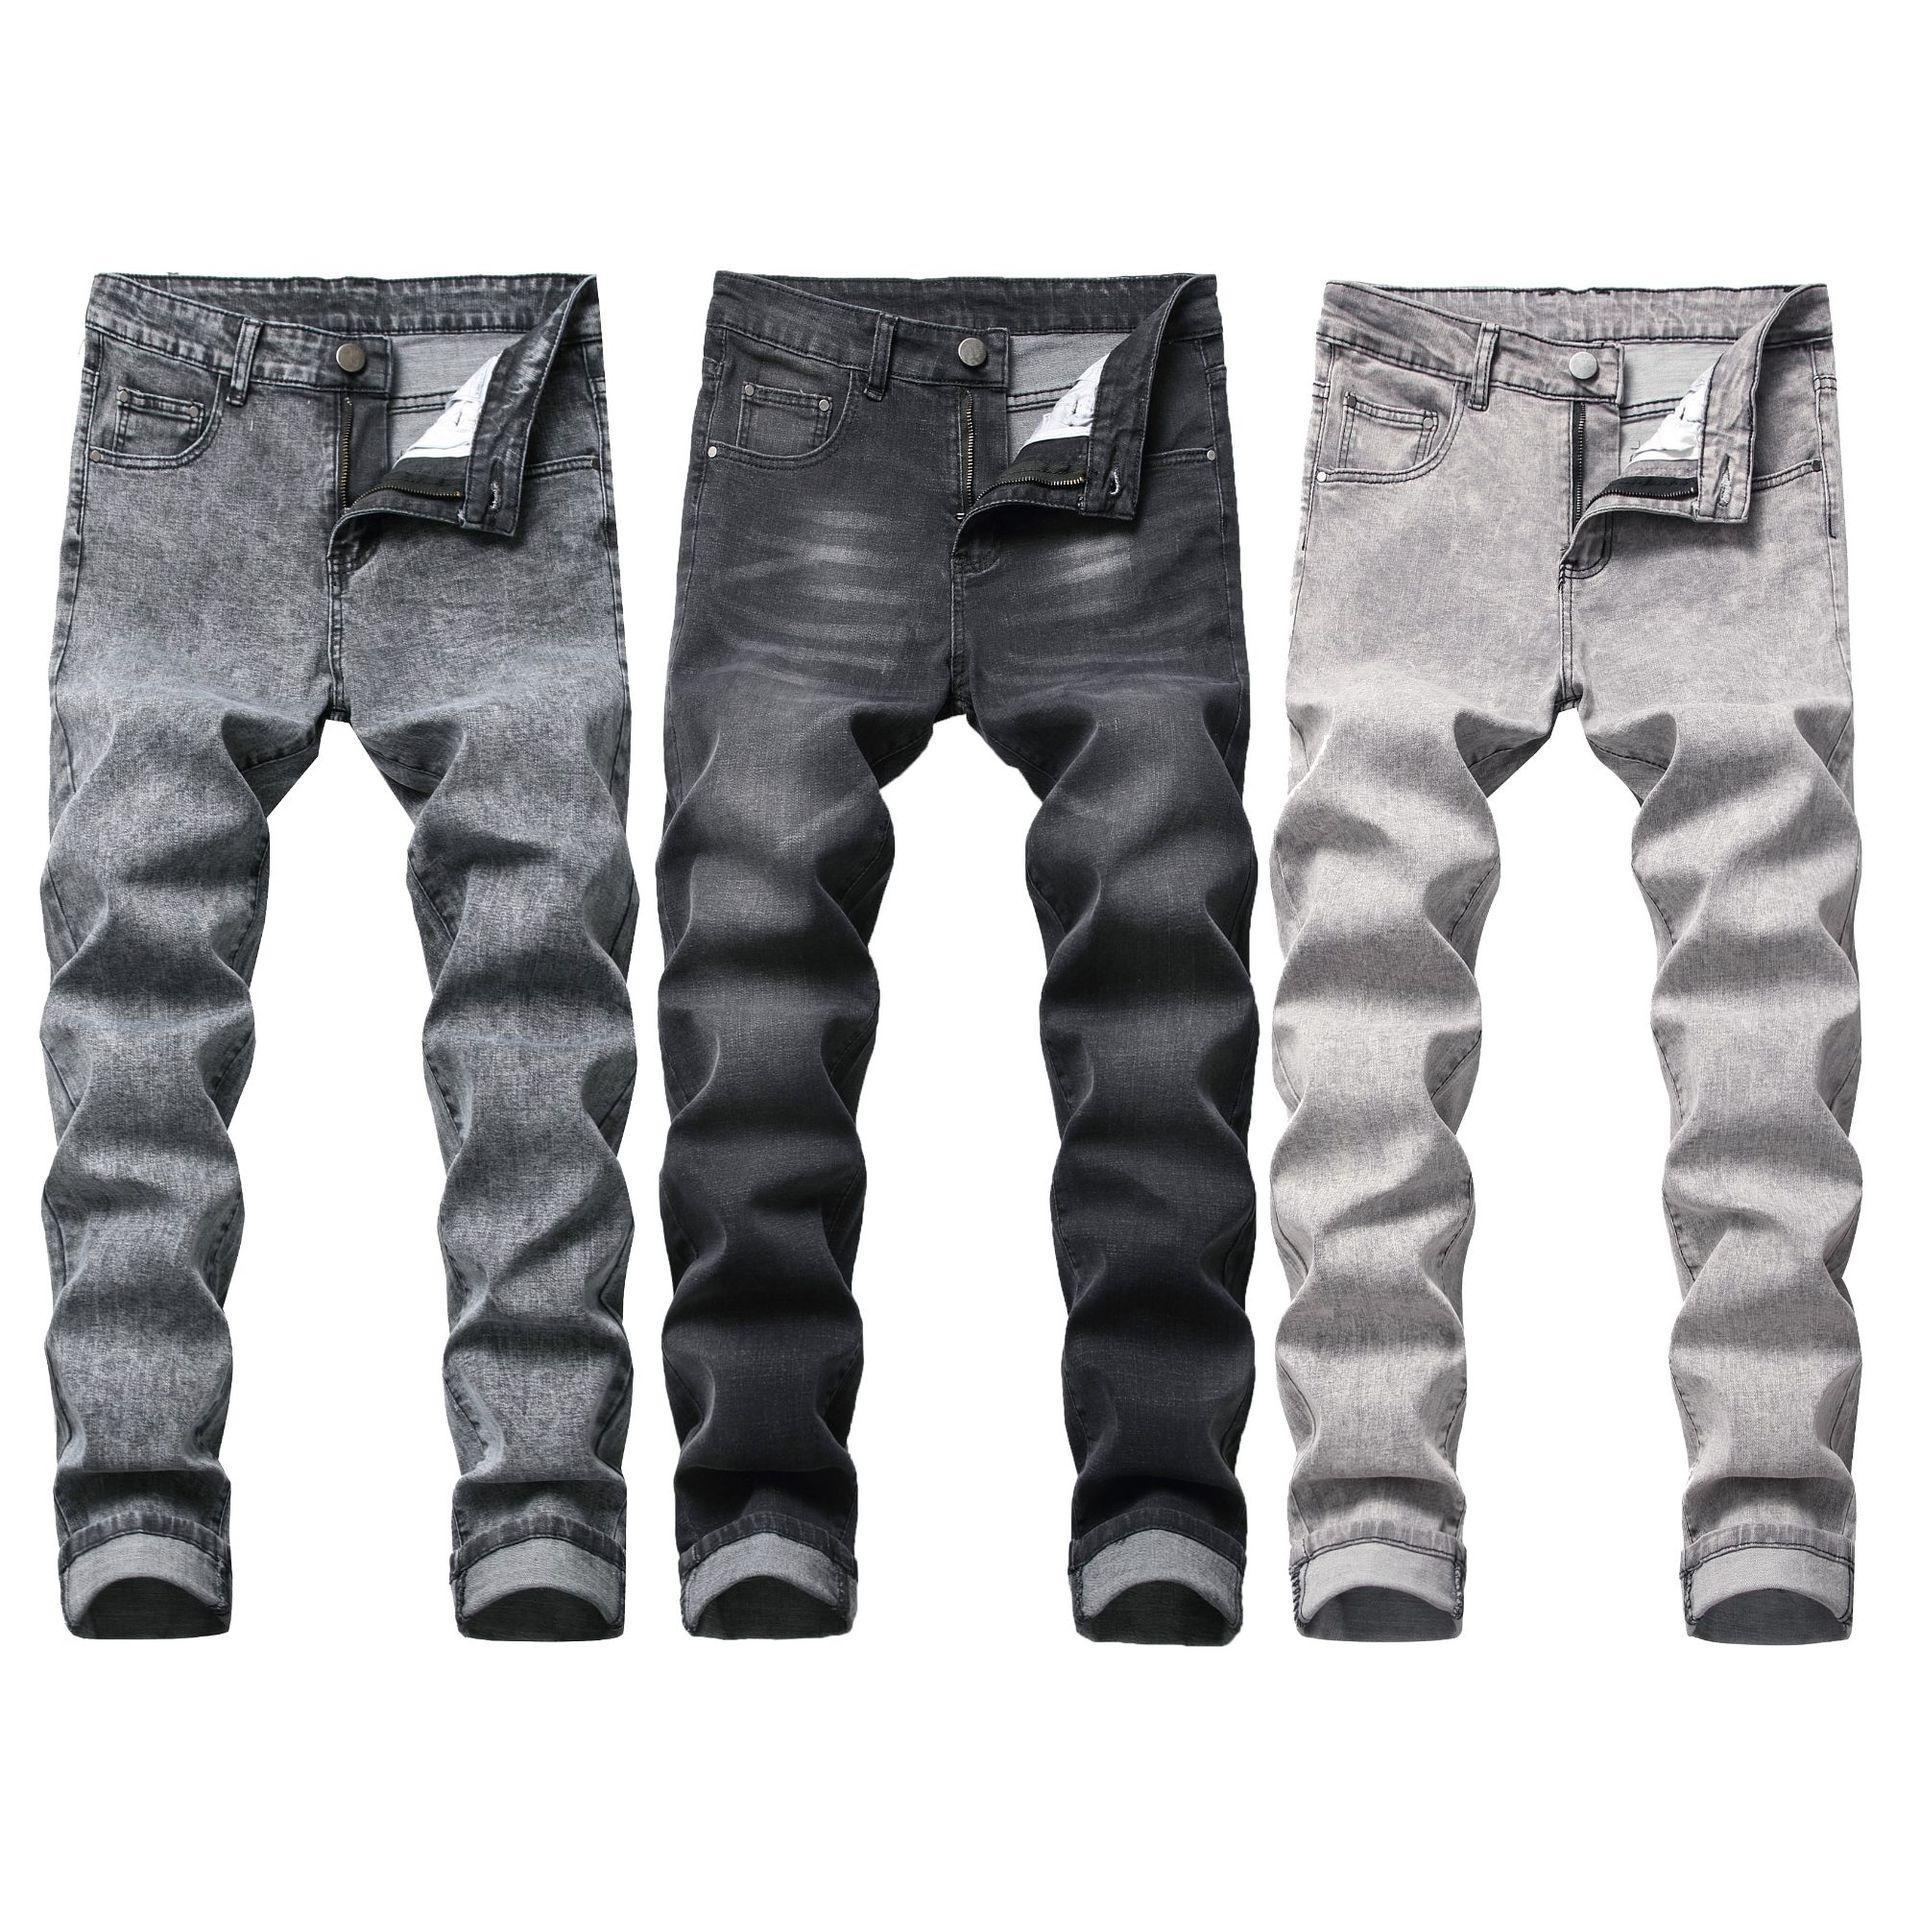 Los hombres de la motocicleta blanqueado Jeans Vintage Washed Denim Jeans destruidos flaca de los pantalones del lápiz en 3 colores pantalones grises